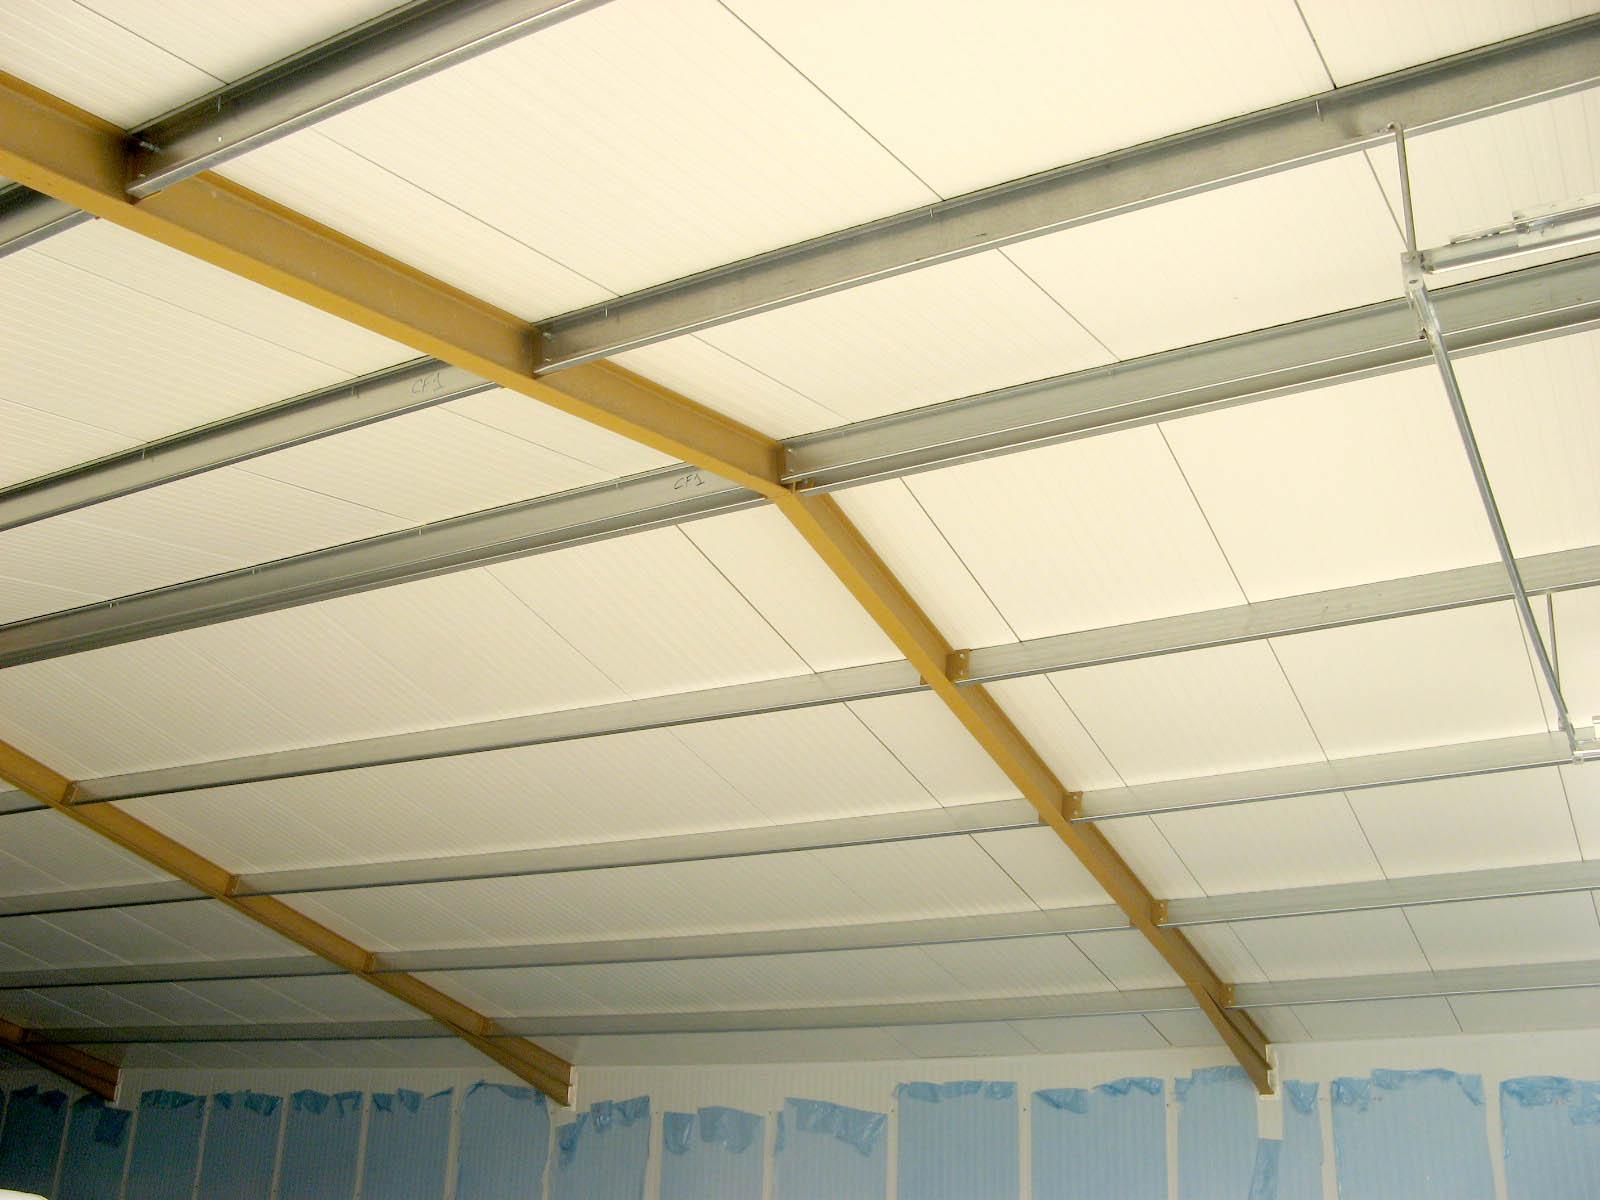 Como hacer un falso techo trendy falso techo de with como hacer un falso techo affordable - Como hacer un falso techo ...